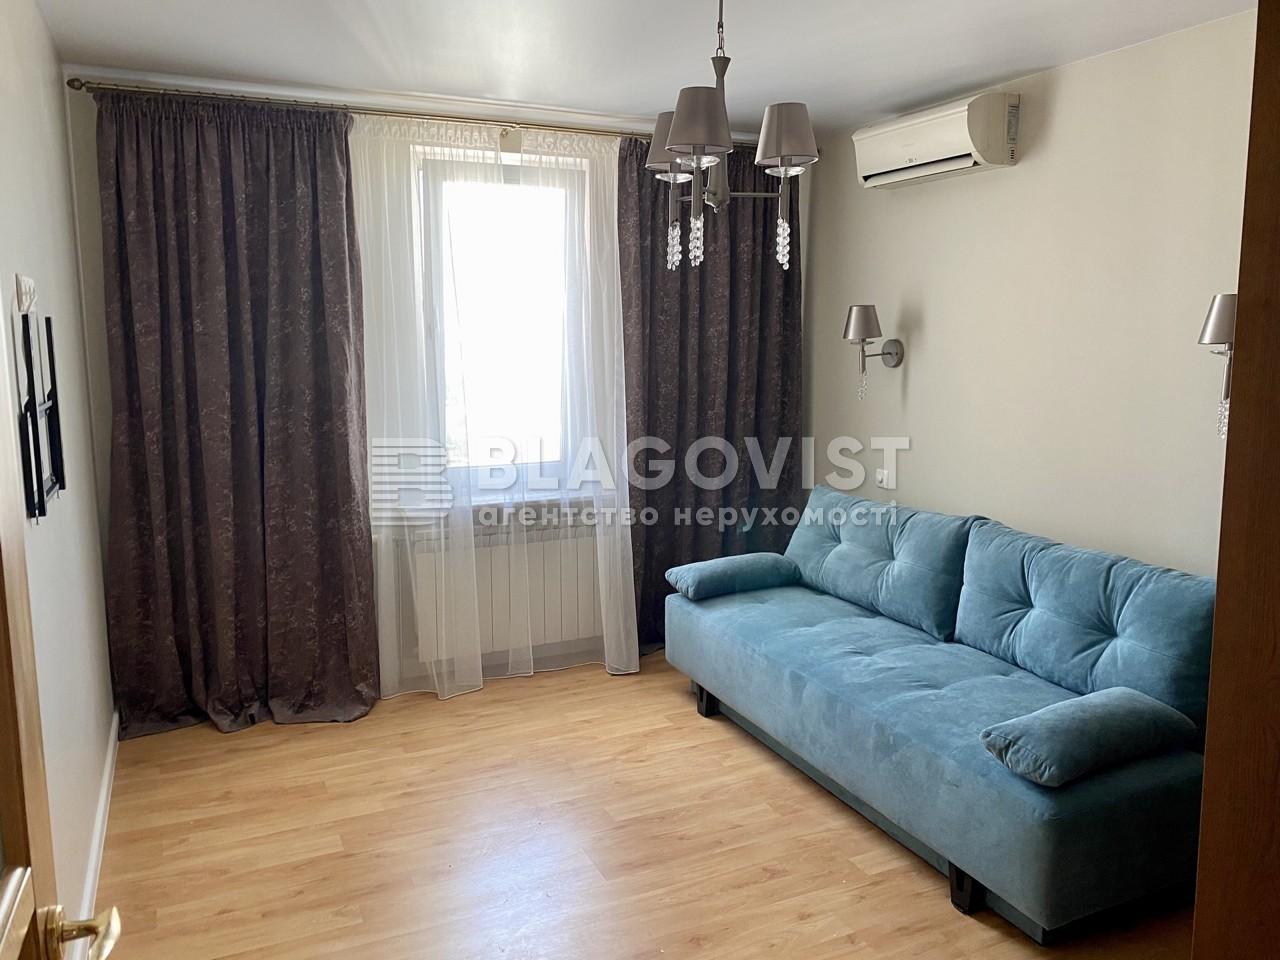 Квартира F-44136, Драгоманова, 1д, Киев - Фото 7